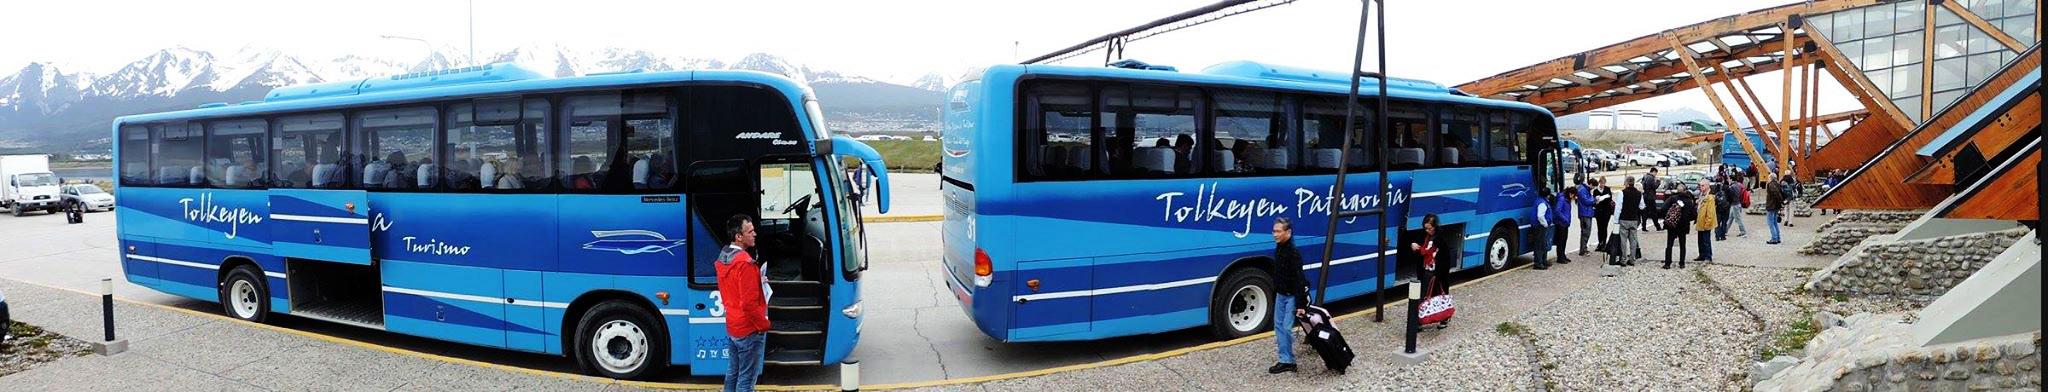 Tolkeyen-Traslados